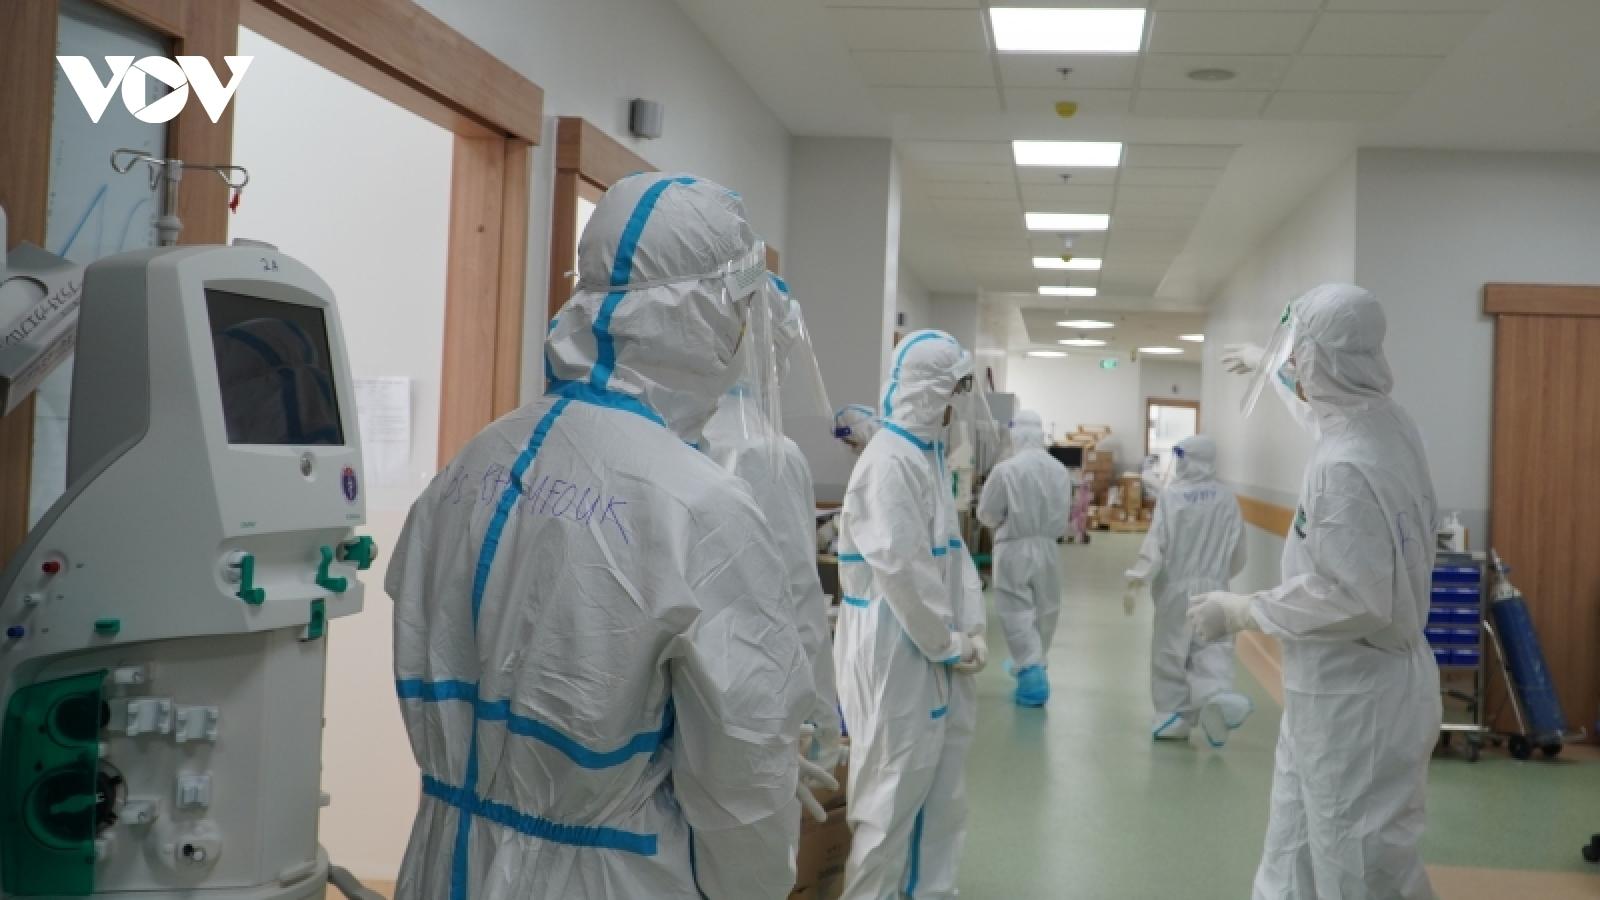 Bác sĩ Lào tình nguyện tham gia chống dịch tại Bệnh viện Hồi sức Covid-19